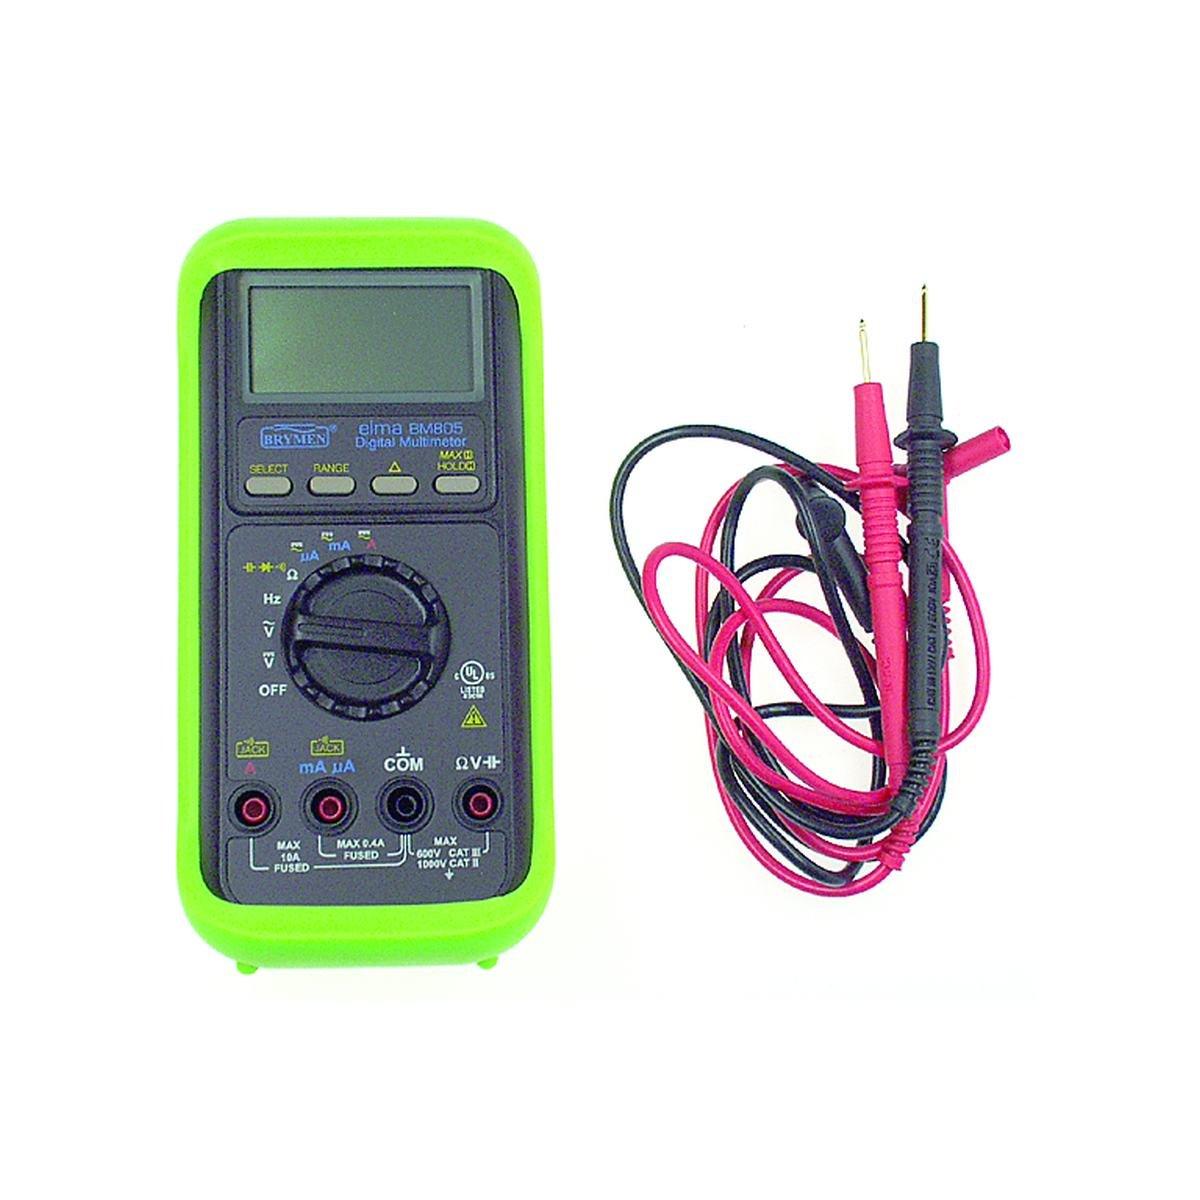 Digitalt multimeter med gummikappe og prøveledning